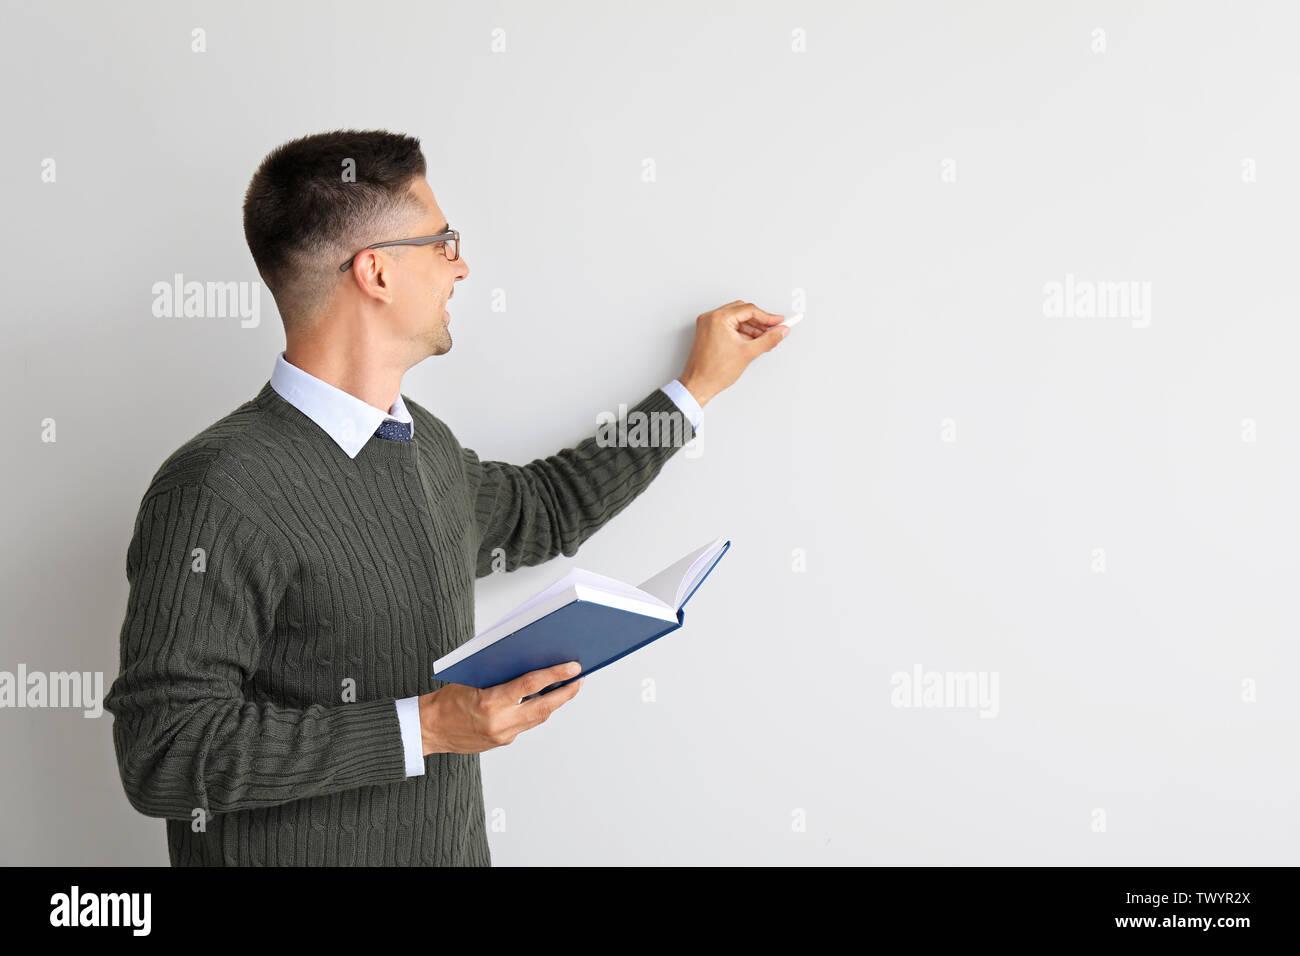 Beau mâle enseignant avec l'écriture de livre quelque chose contre fond blanc Photo Stock